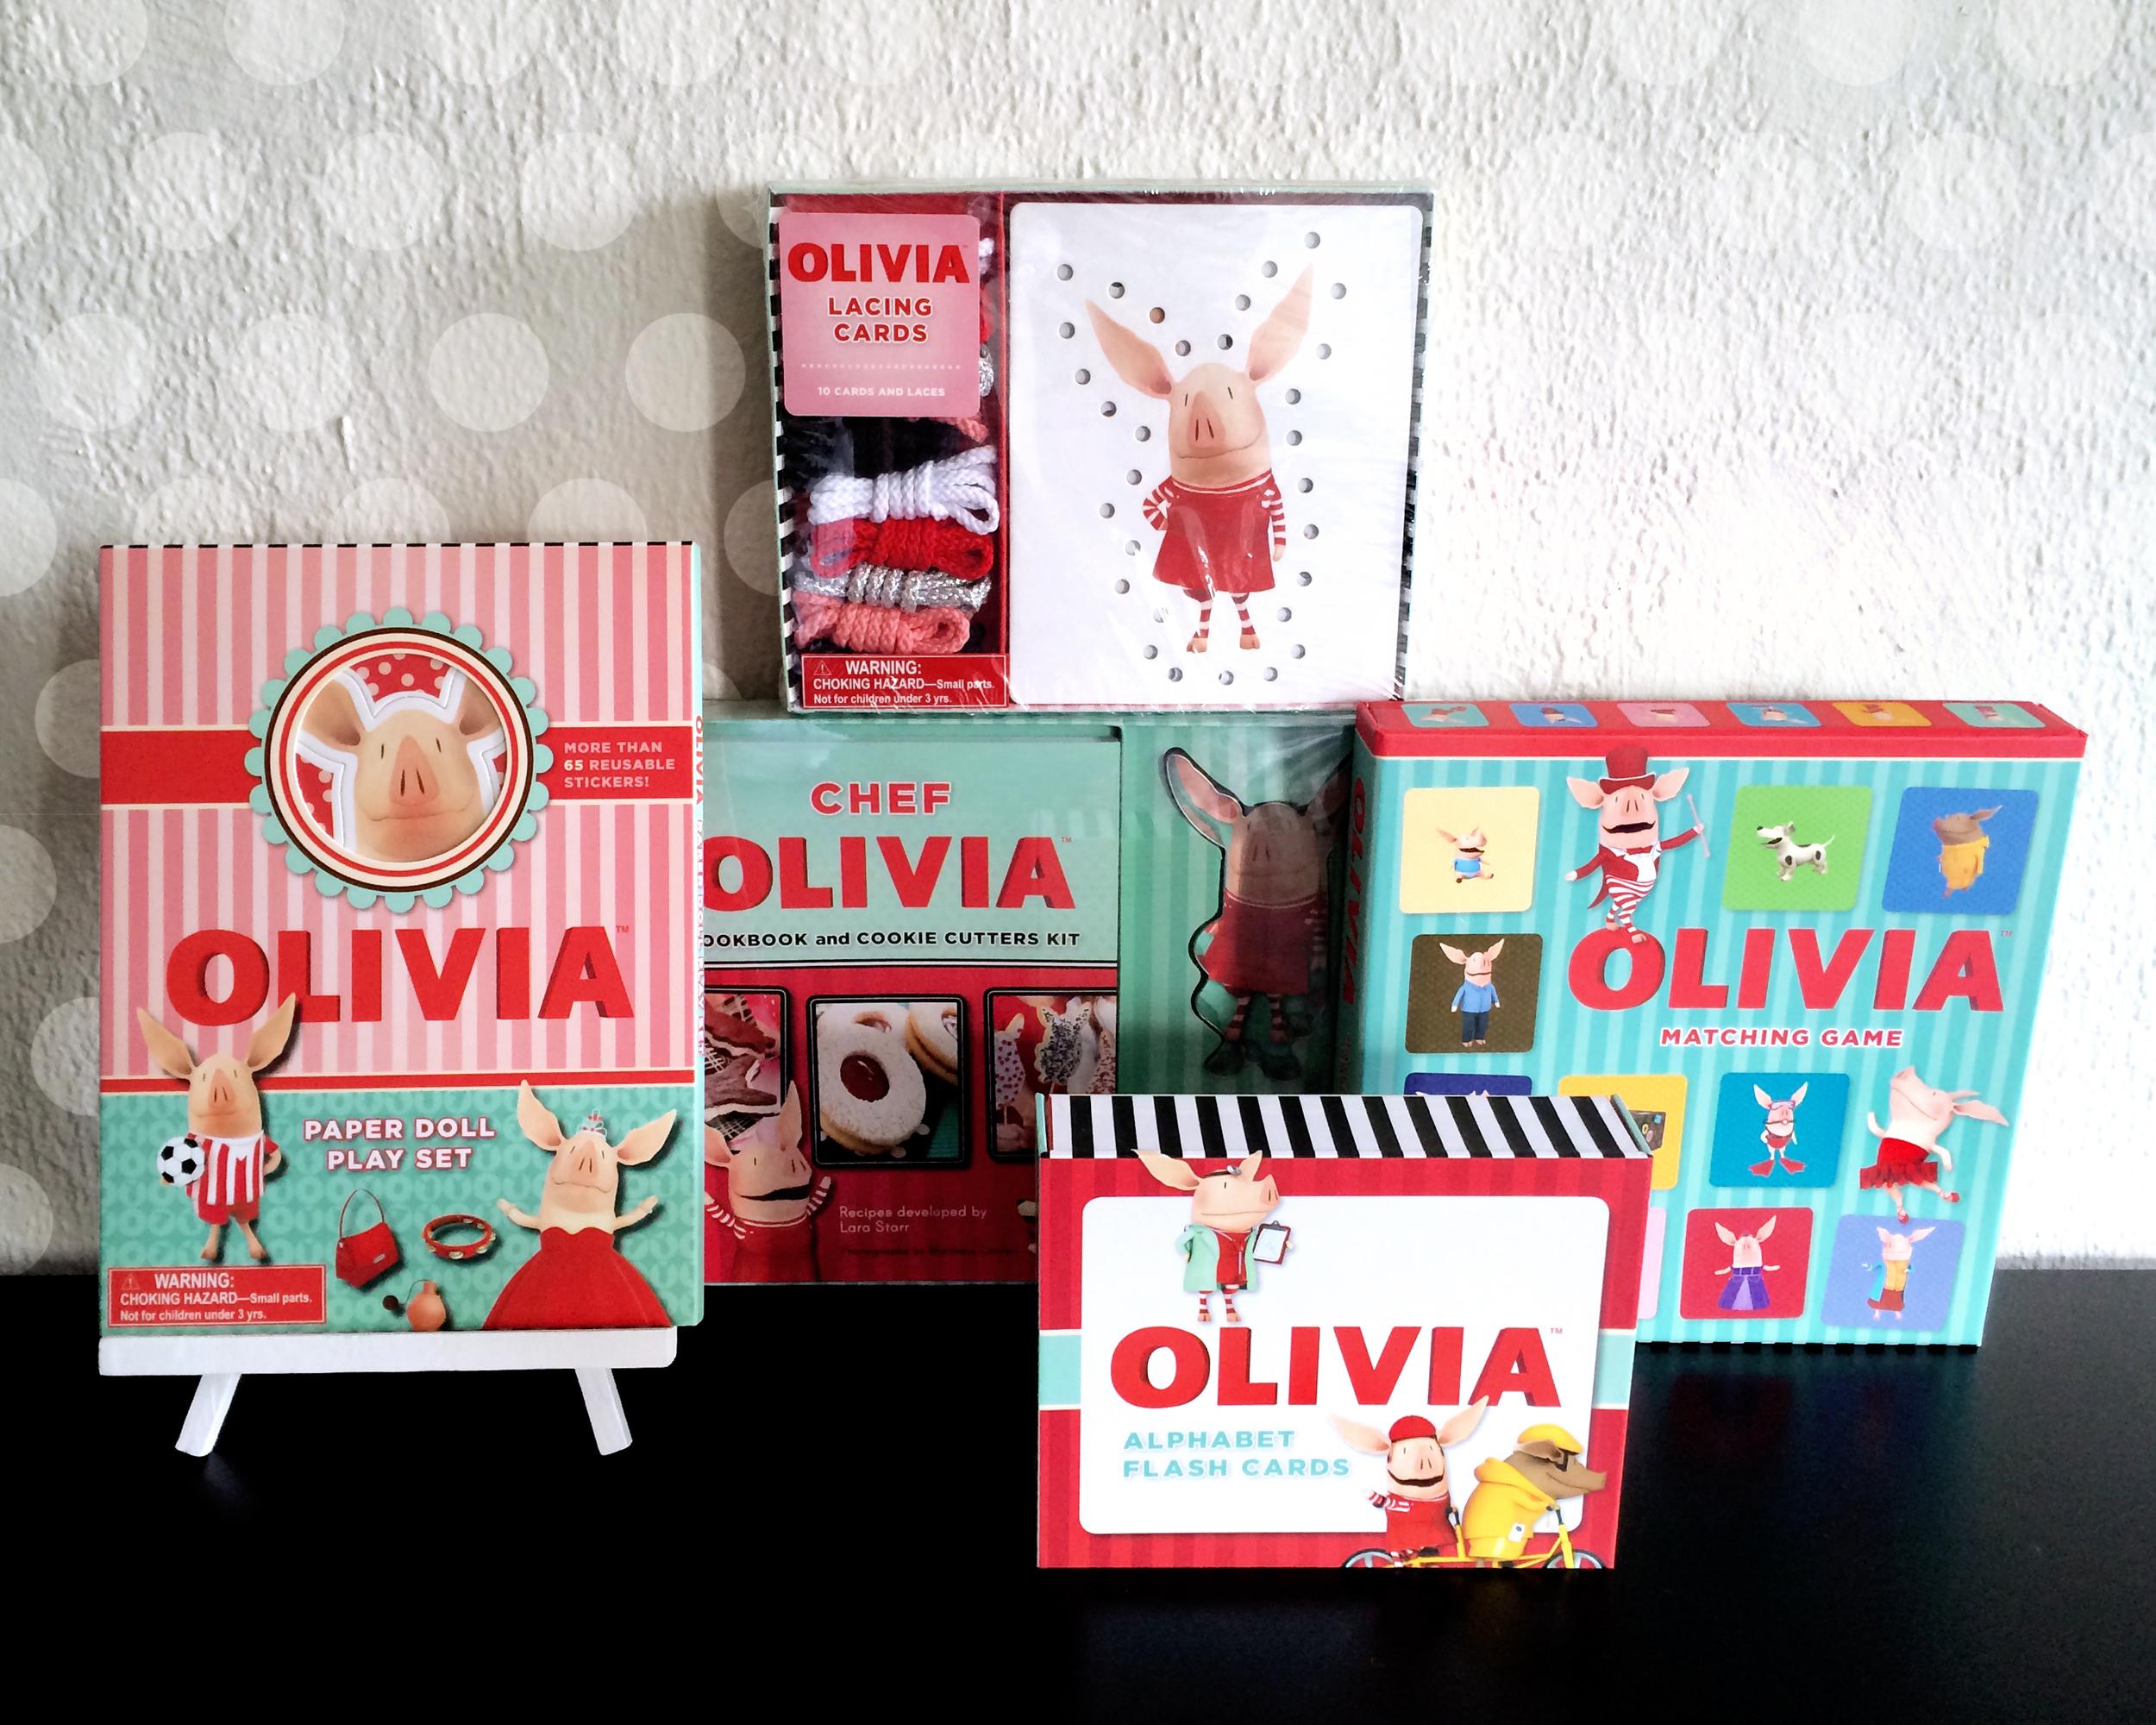 olivia_photo-2.jpg